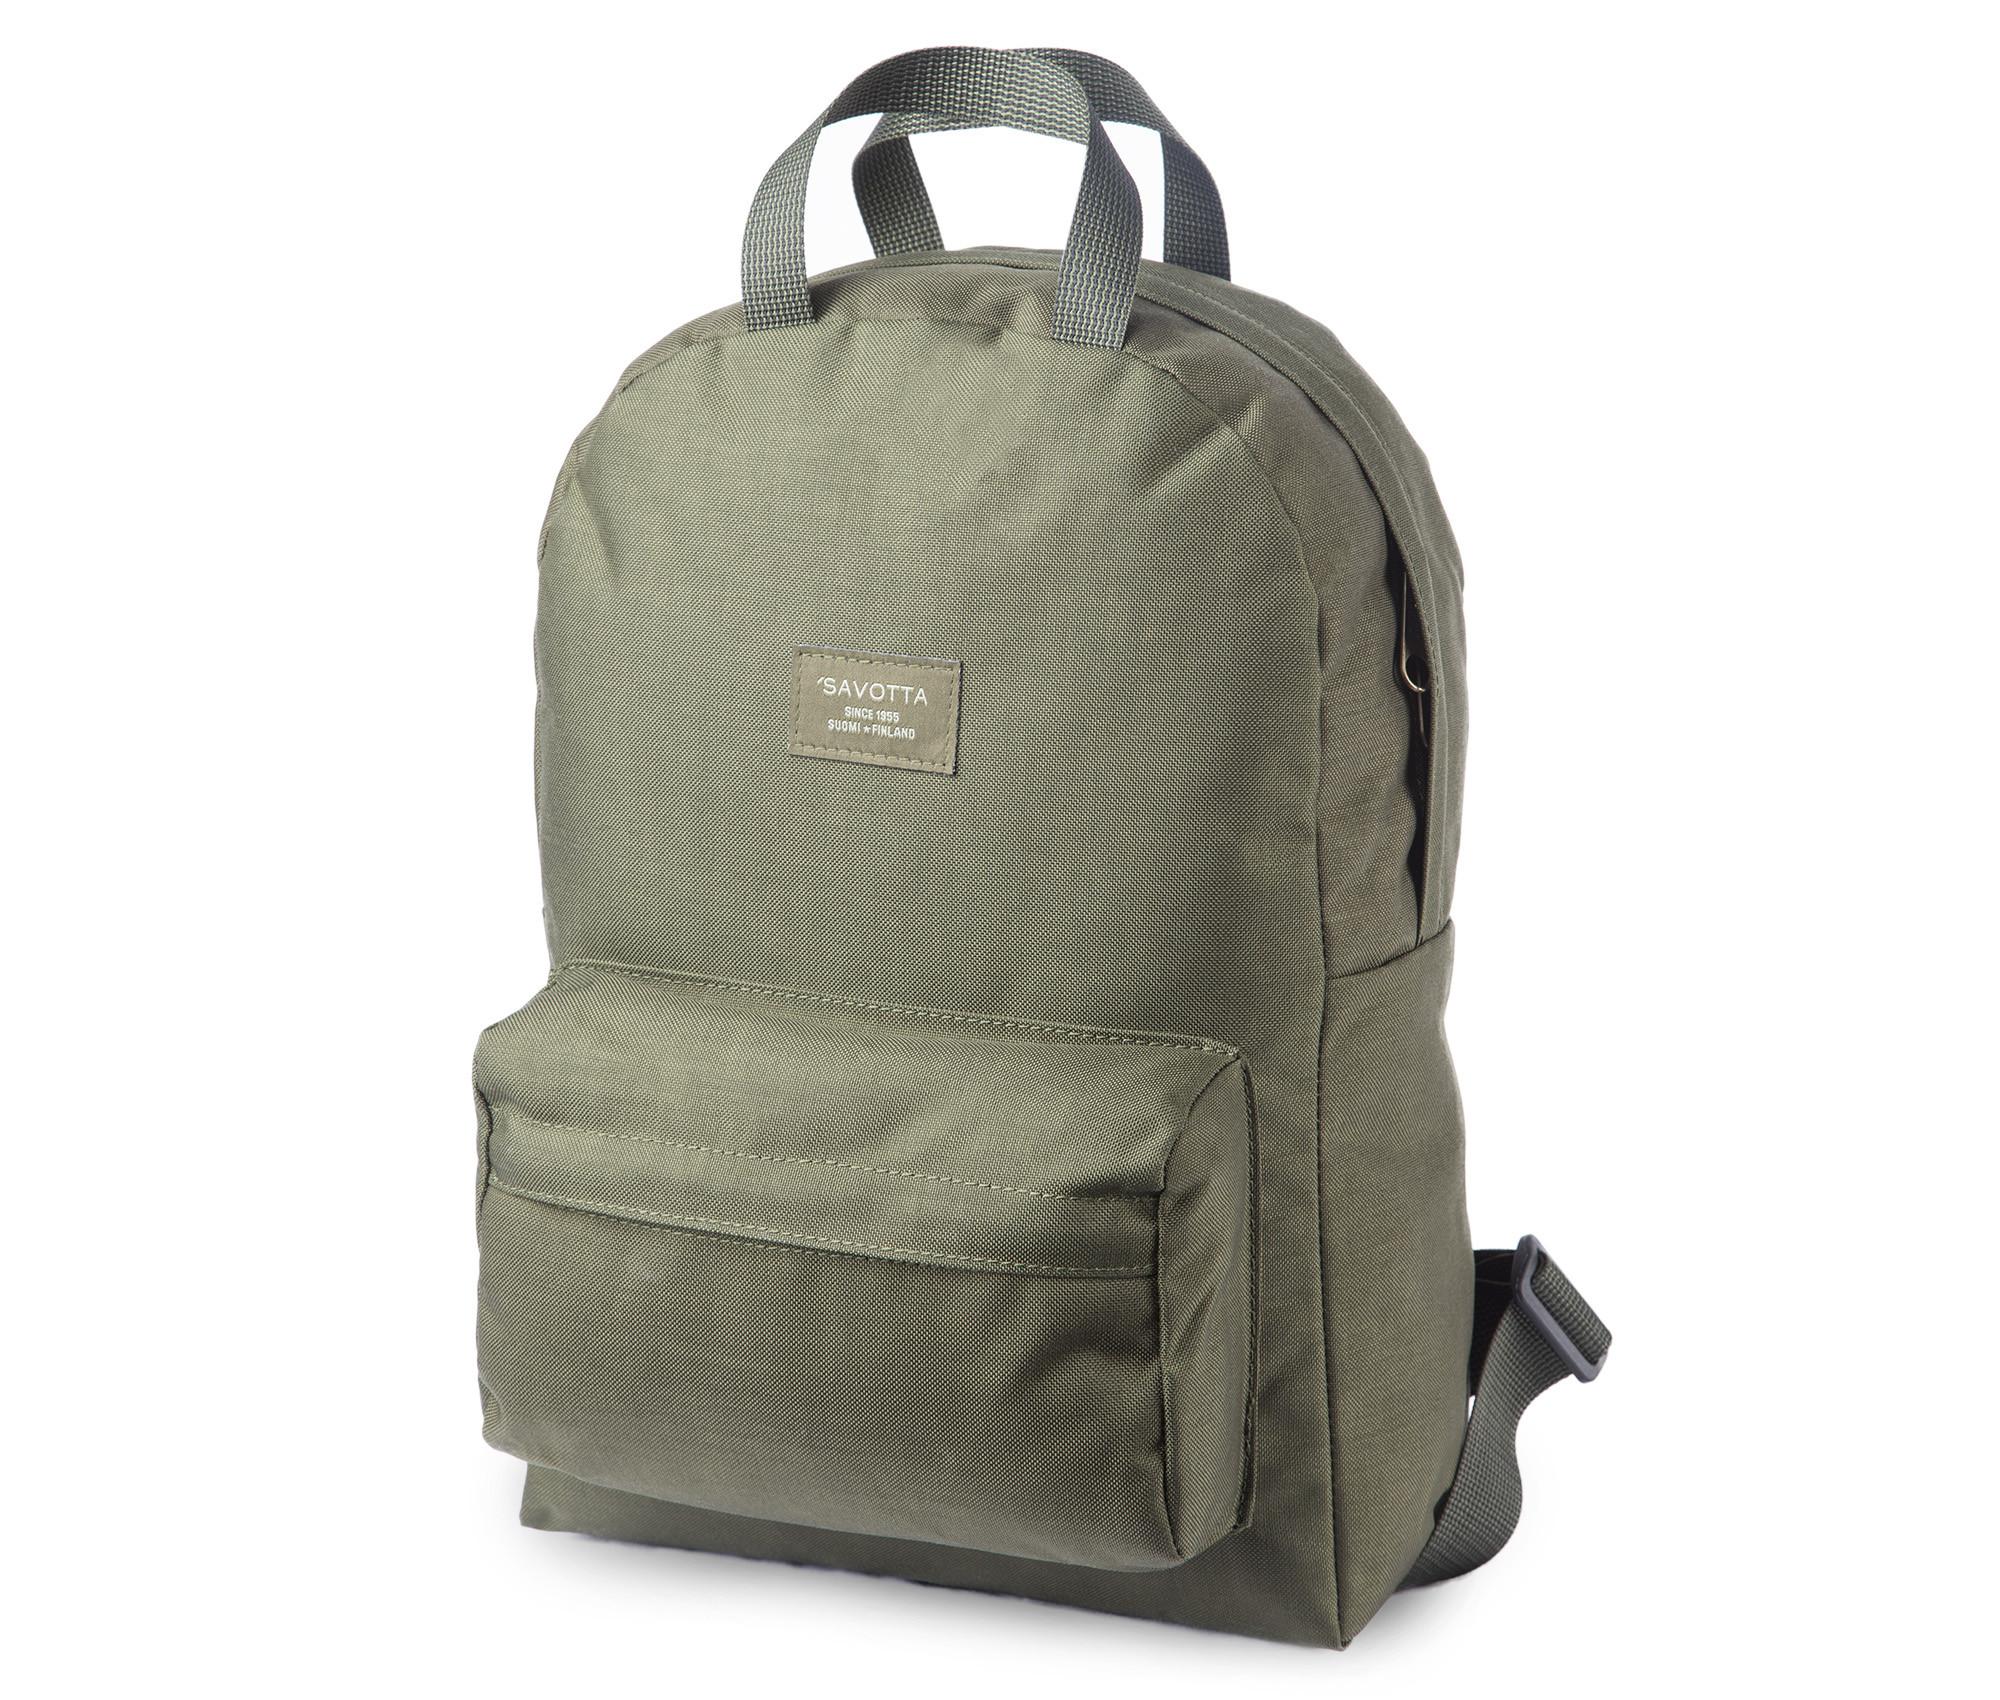 Sac à dos Savotta Backpack 202